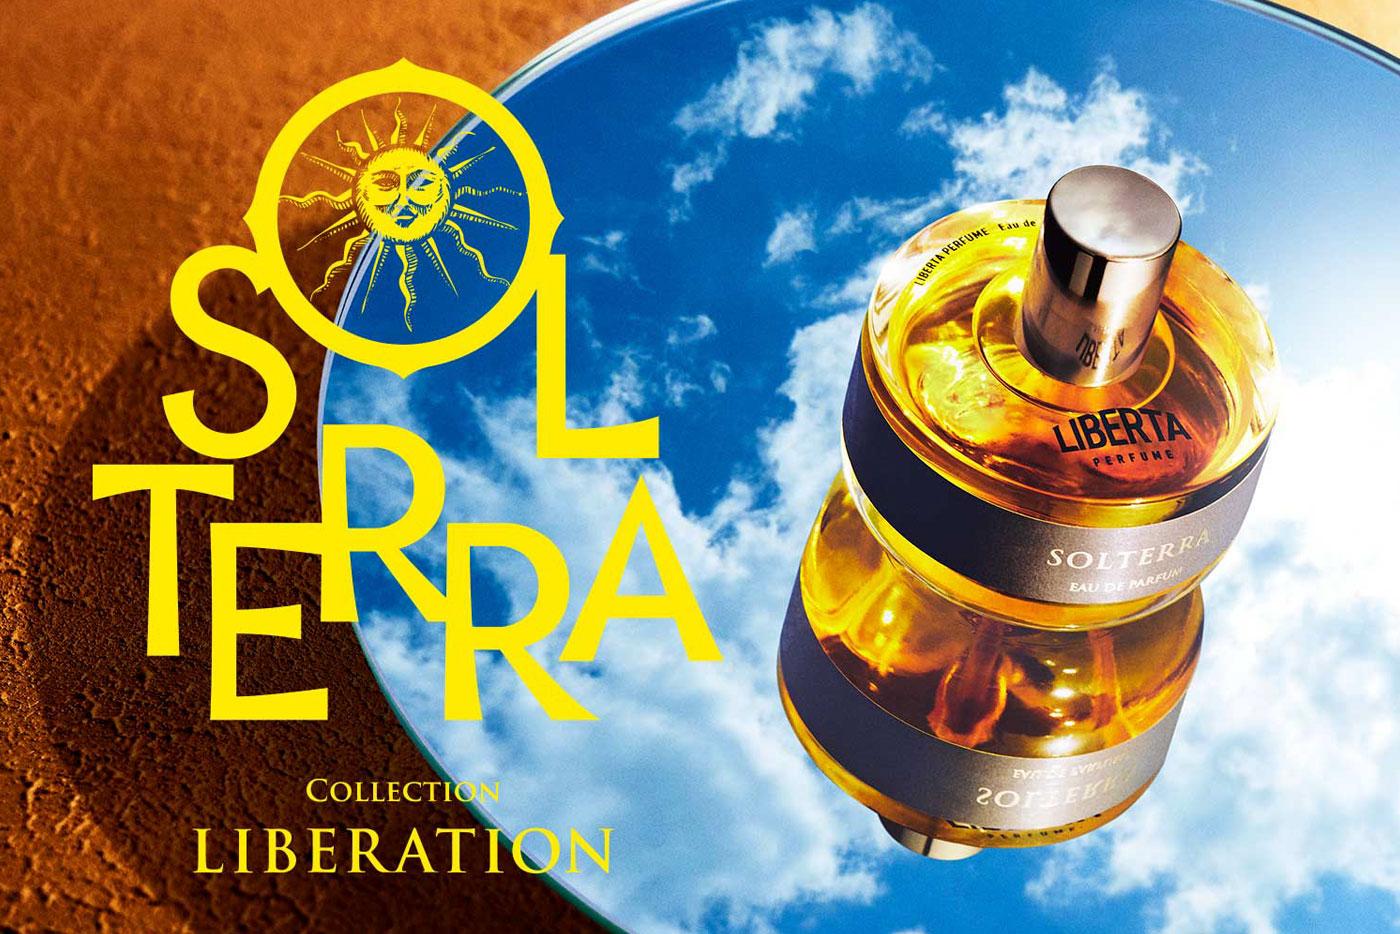 SOLTERRA(ソルテッラ)-ひまわりの香り